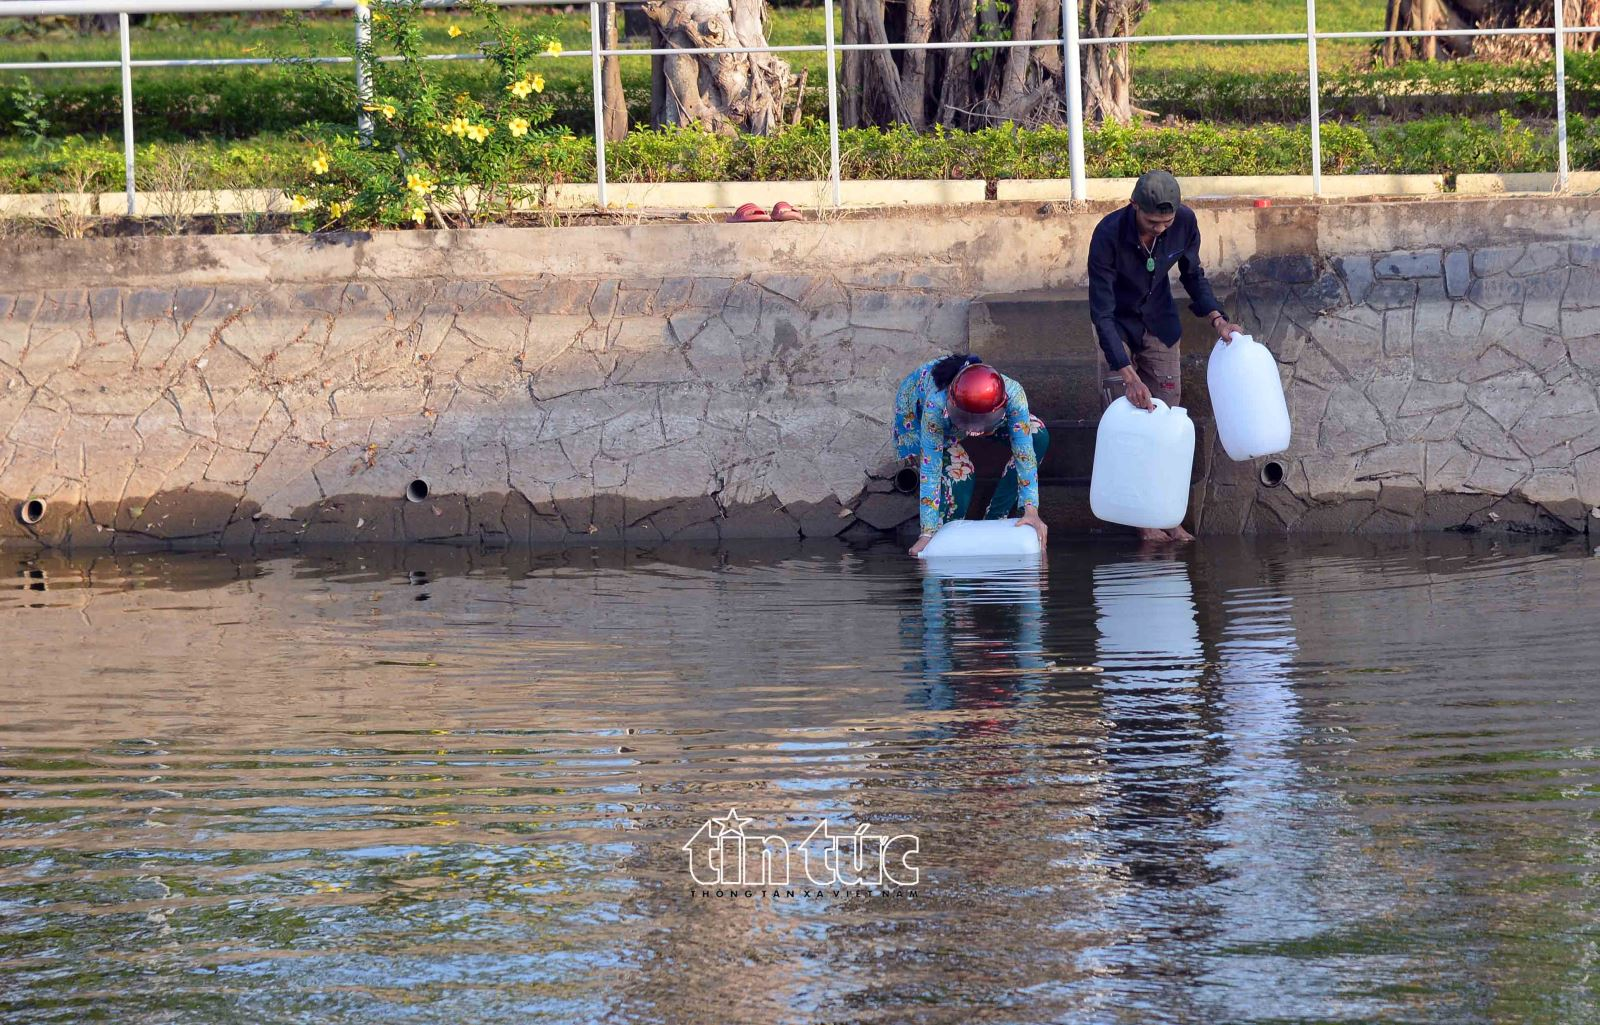 Người dân tìm đến ao, hồ trong đền thờ Trương Định nằm trên địa bàn xã Gia Thuận để múc về dùng để tắm và giặt đồ. Theo baotintuc.vn